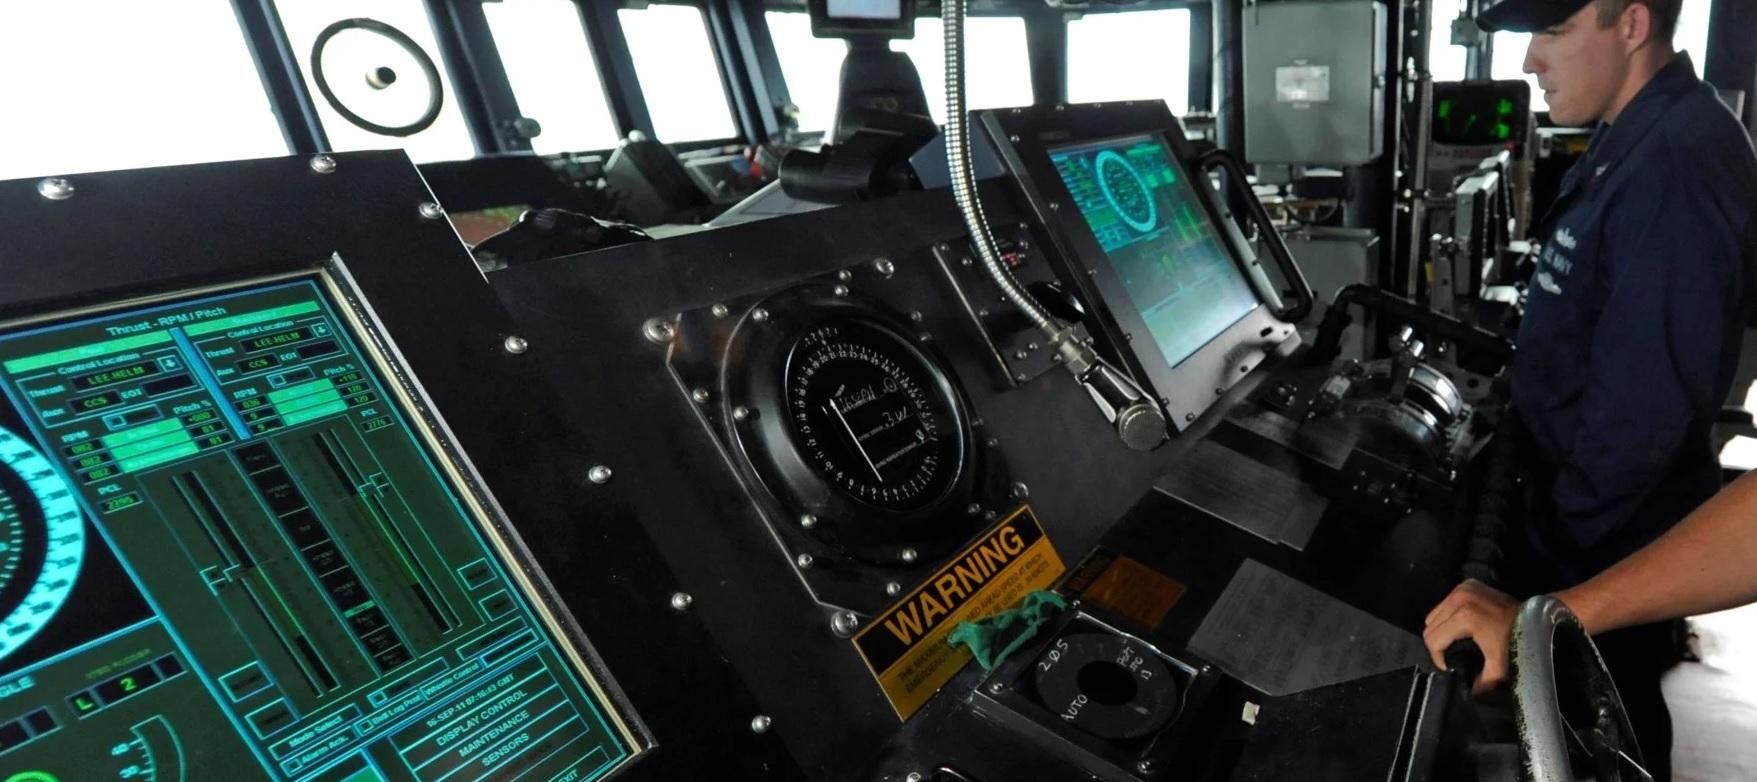 В ВМС США отказываются от использования сенсорных экранов в системах управления боевых кораблей